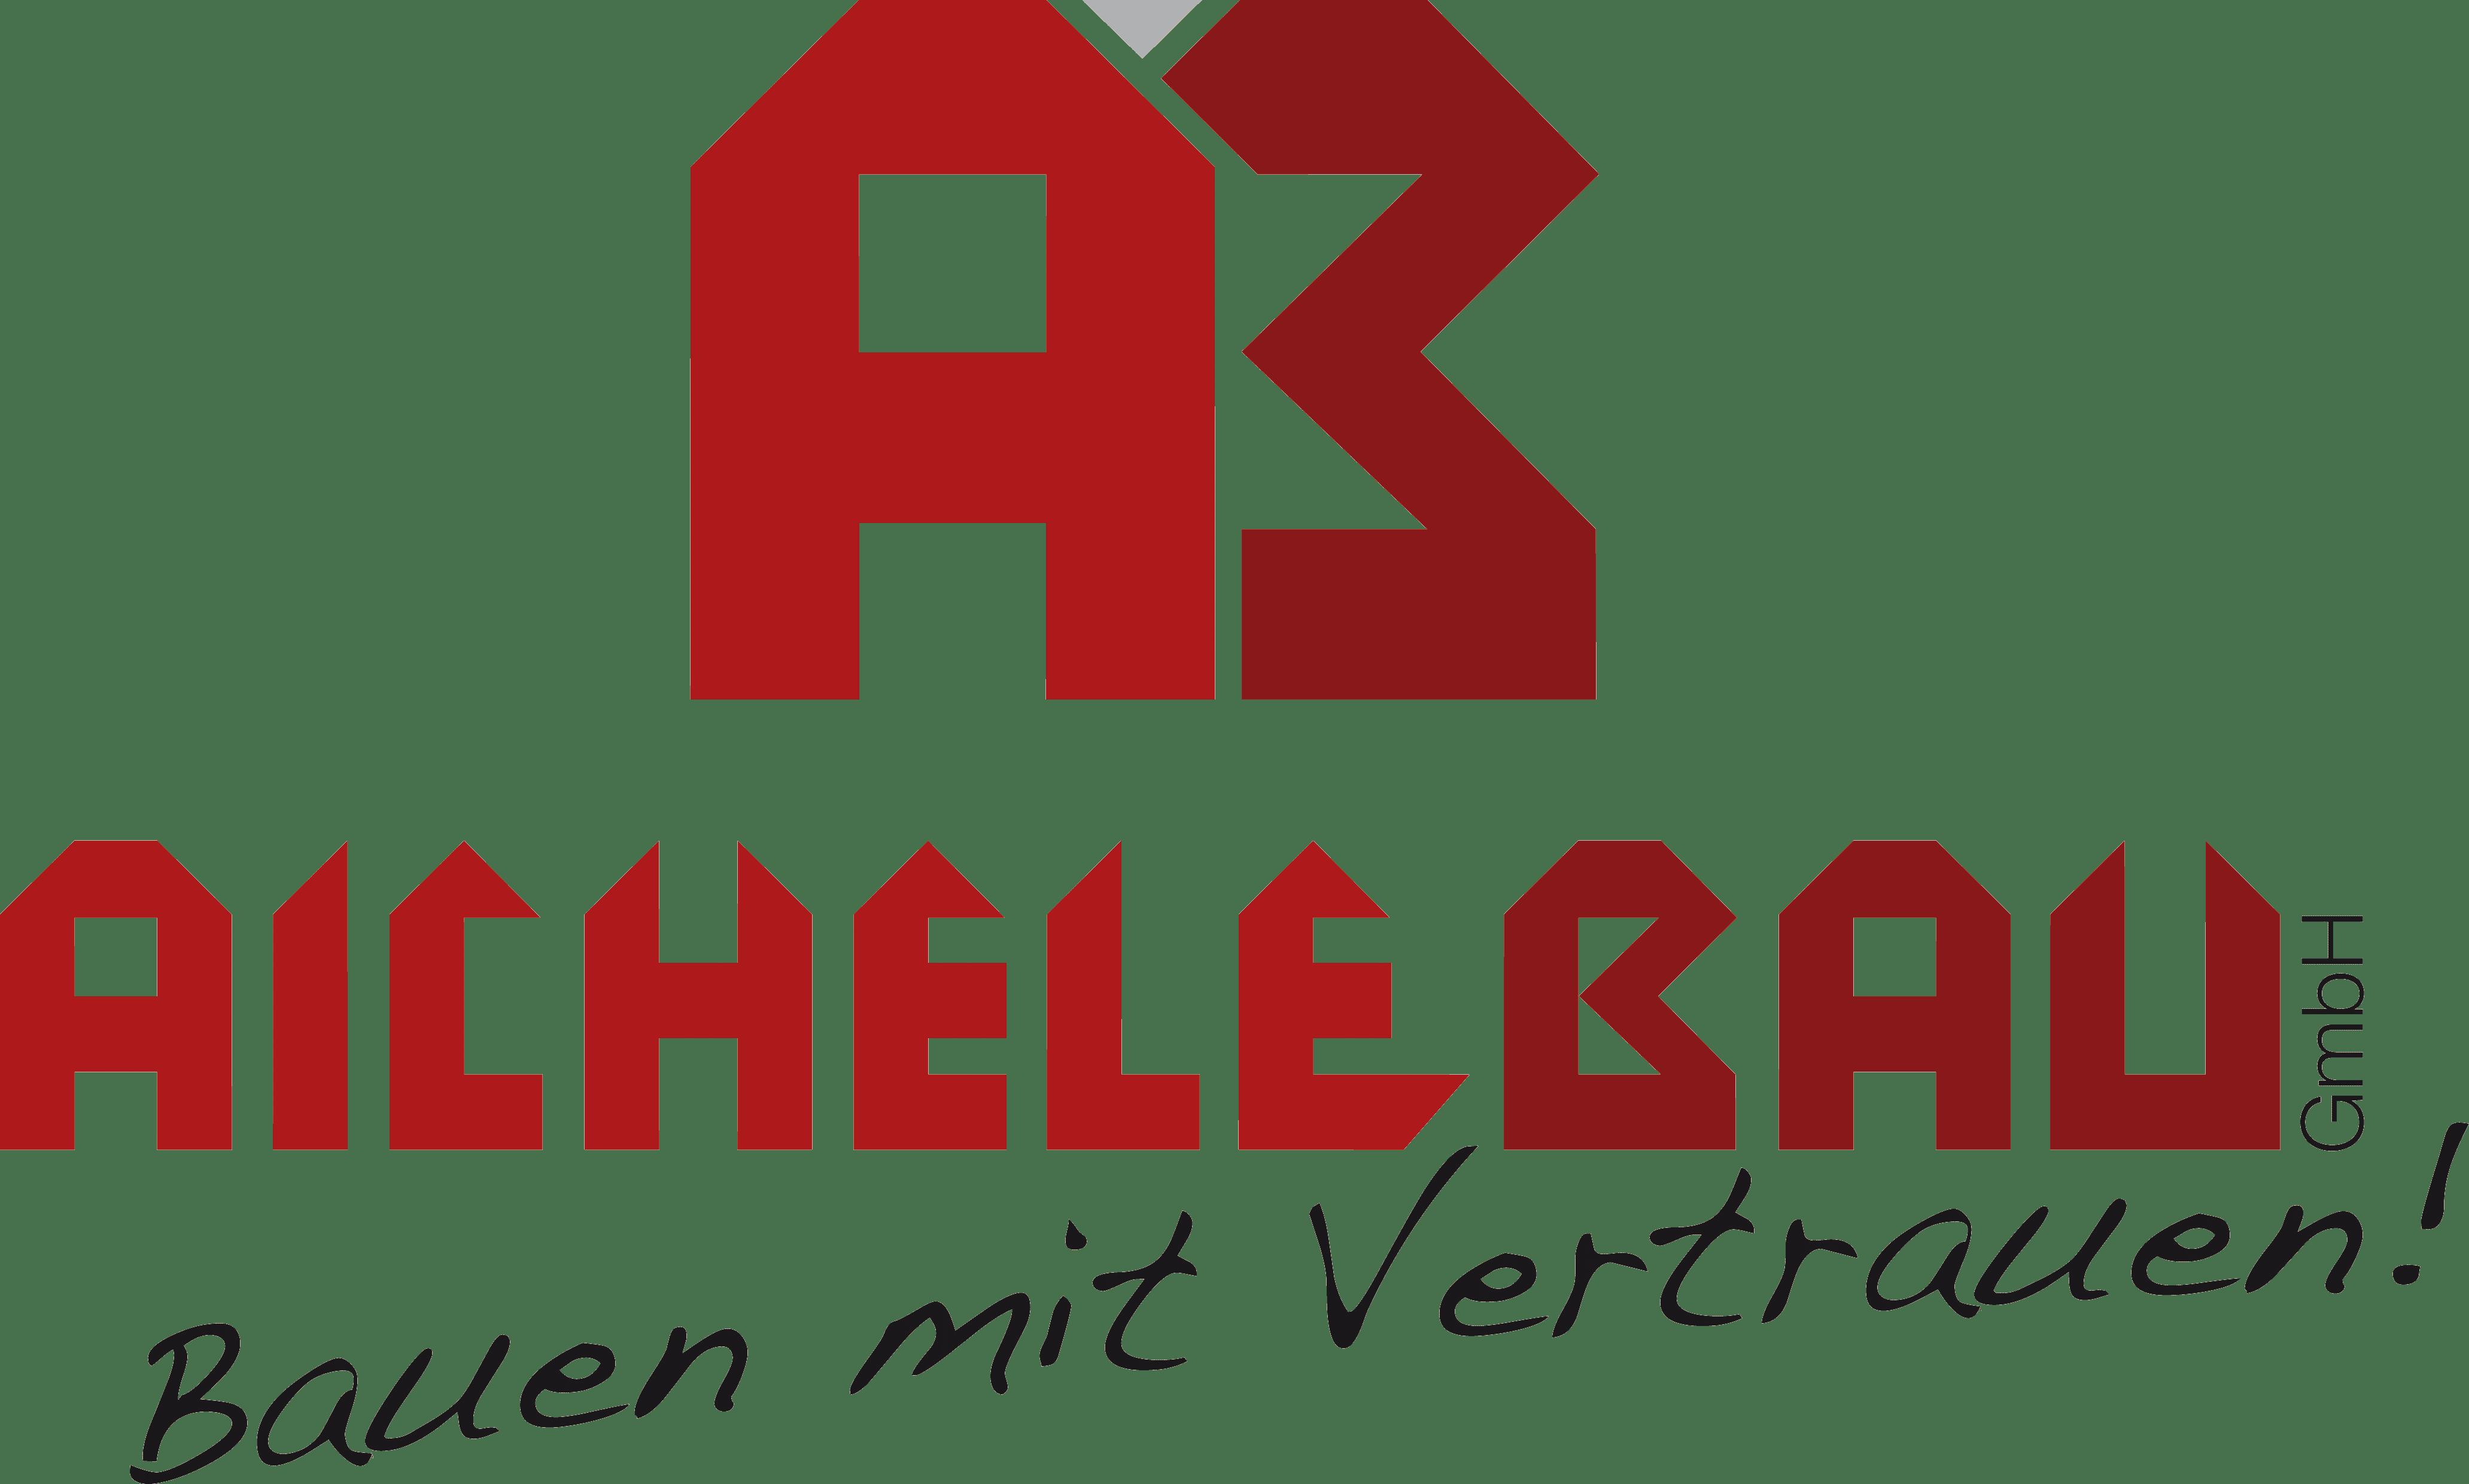 Aichele-Bau